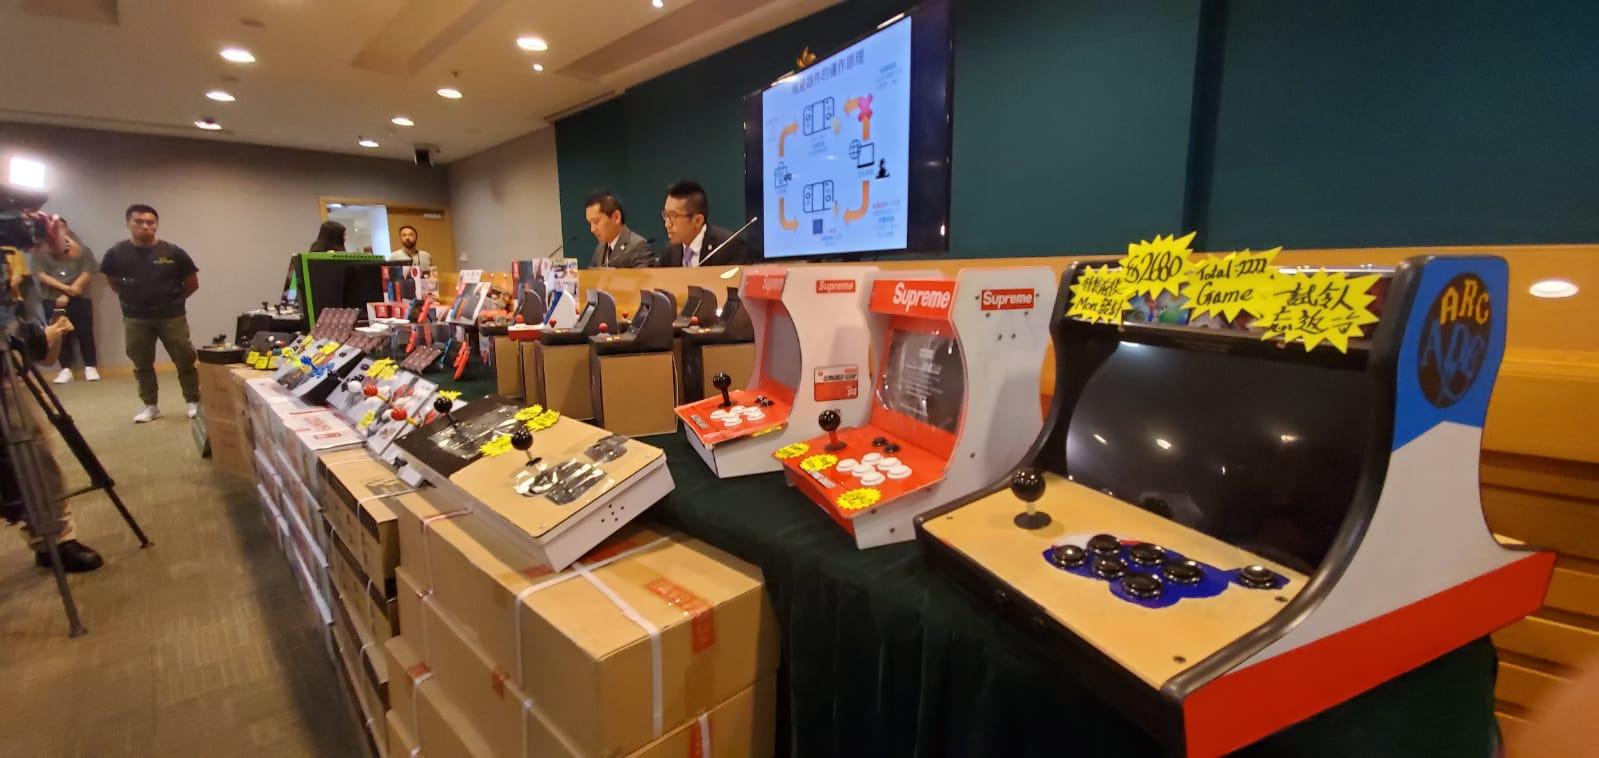 海关昨日採取特别行动,打击售卖游戏机规避器件和盗版游戏。杨伟亨摄